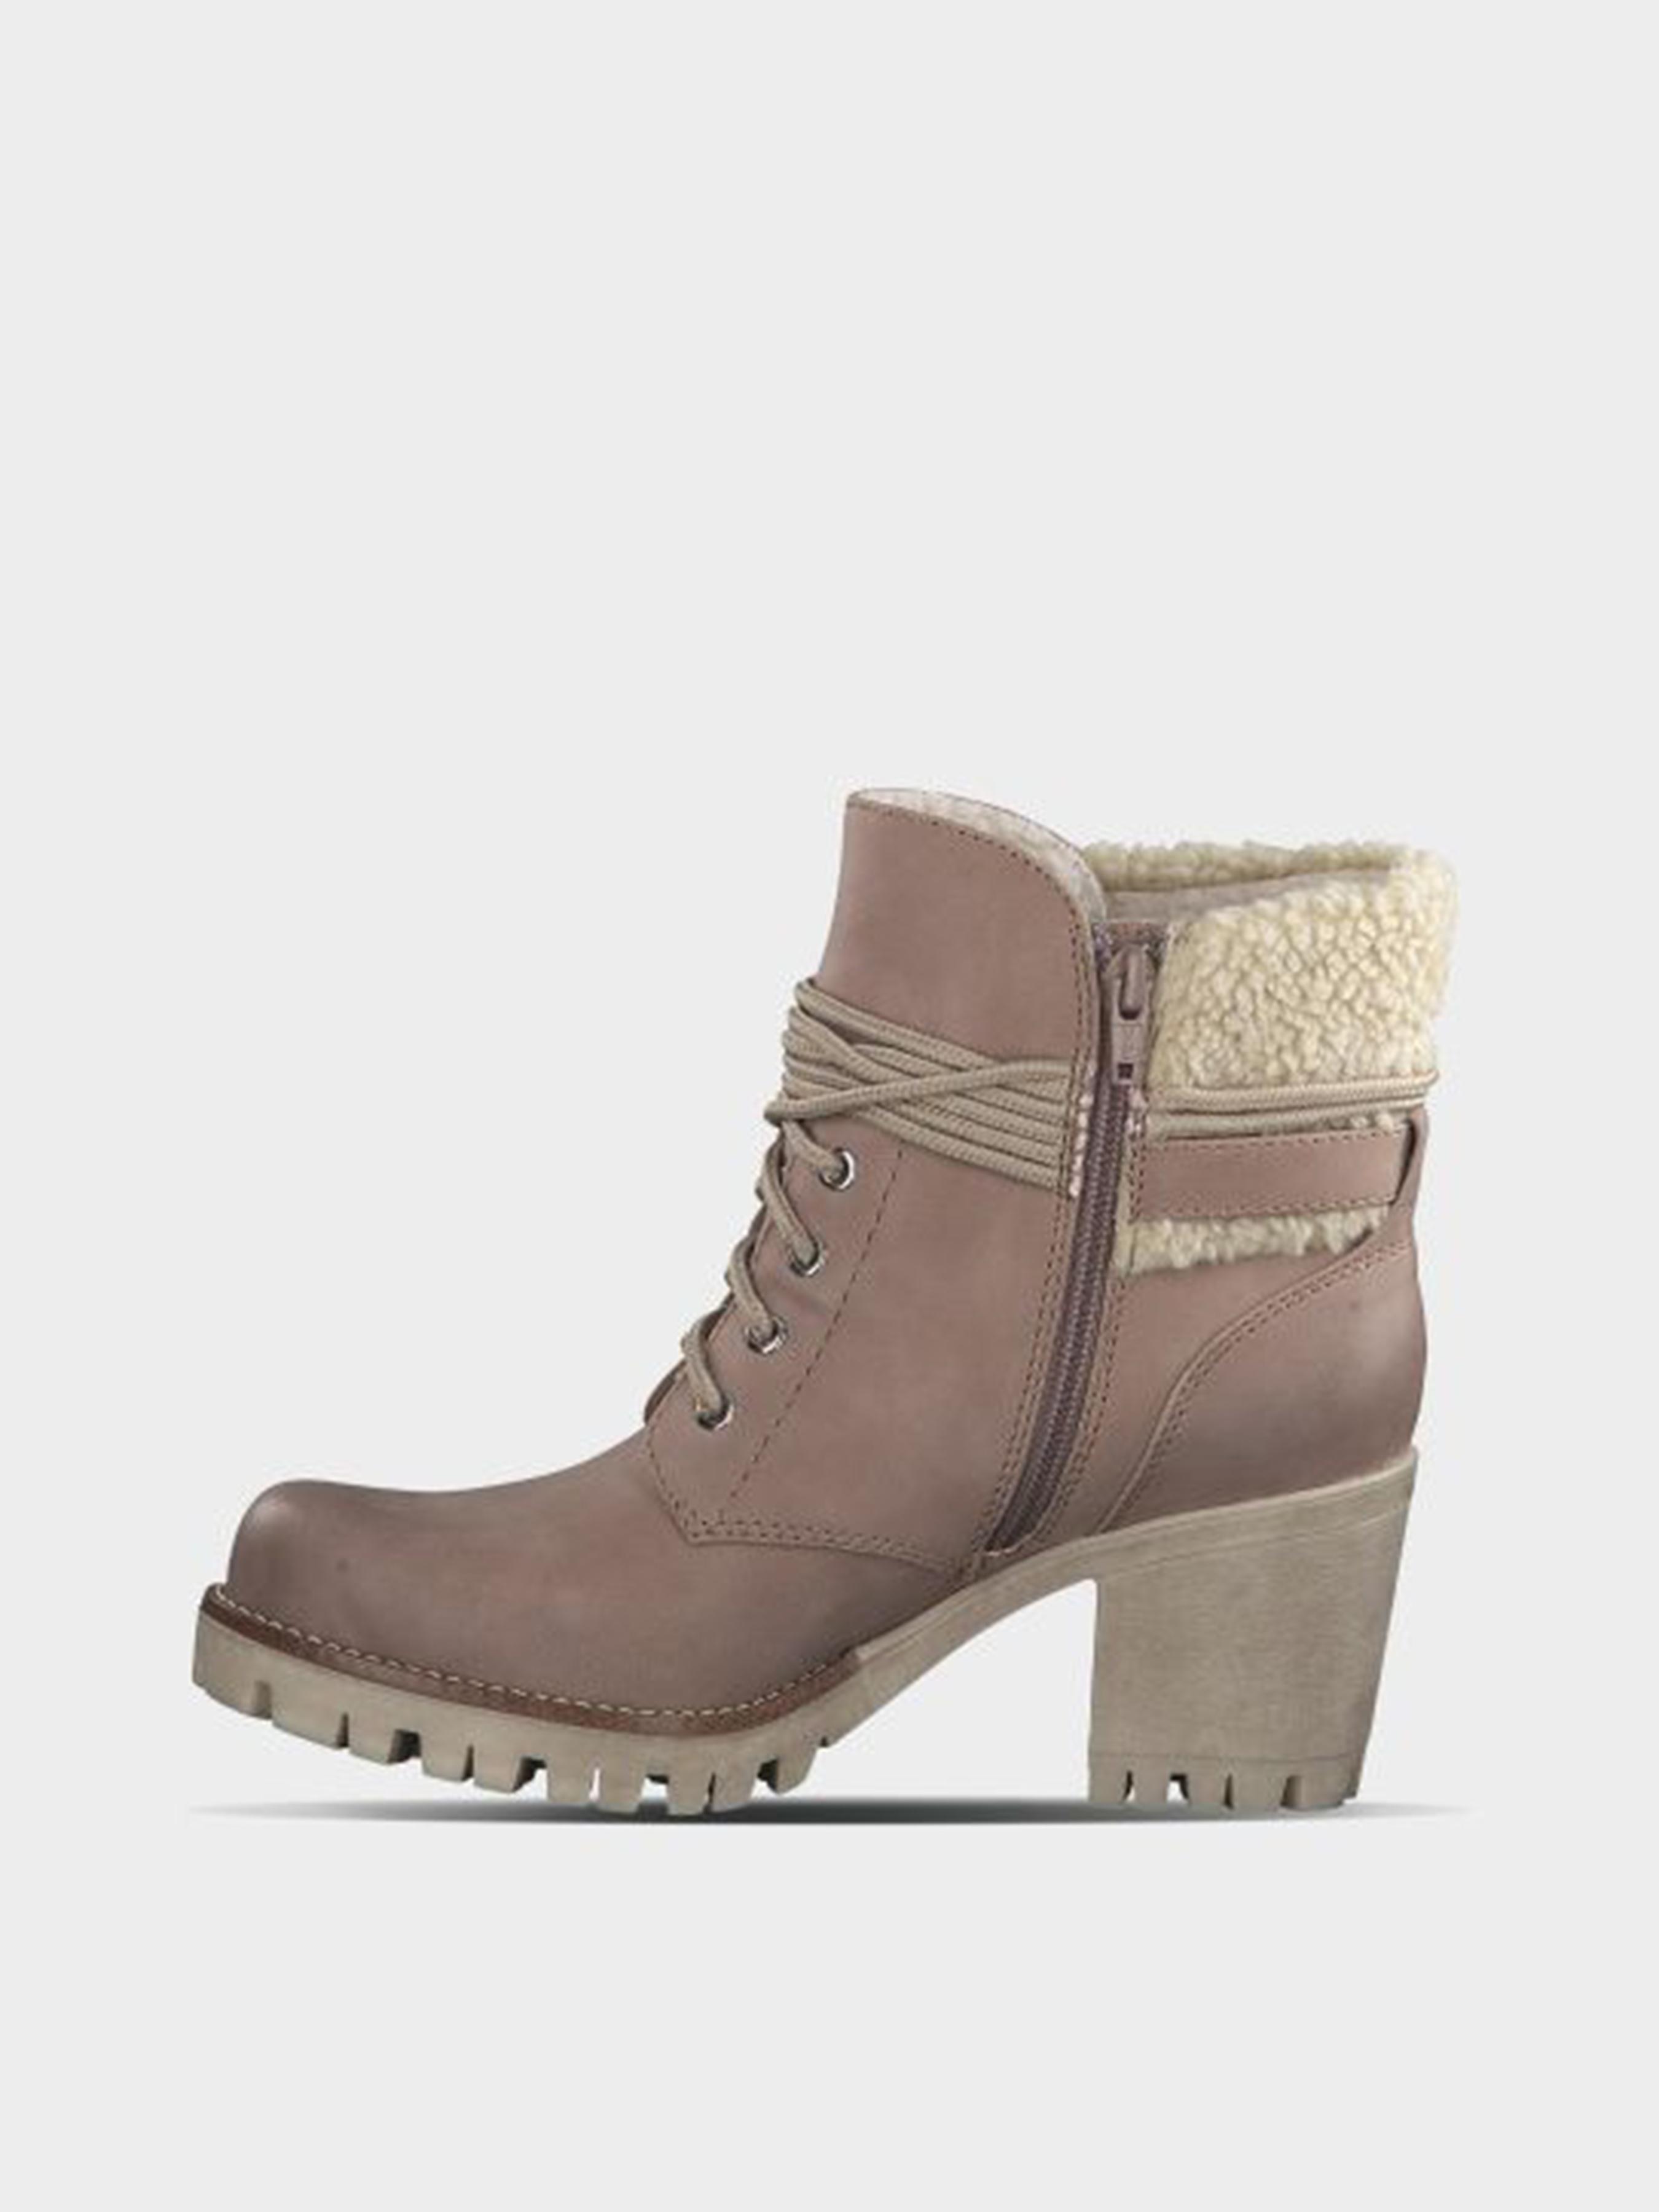 Ботинки для женщин S.Oliver 8W71 размерная сетка обуви, 2017